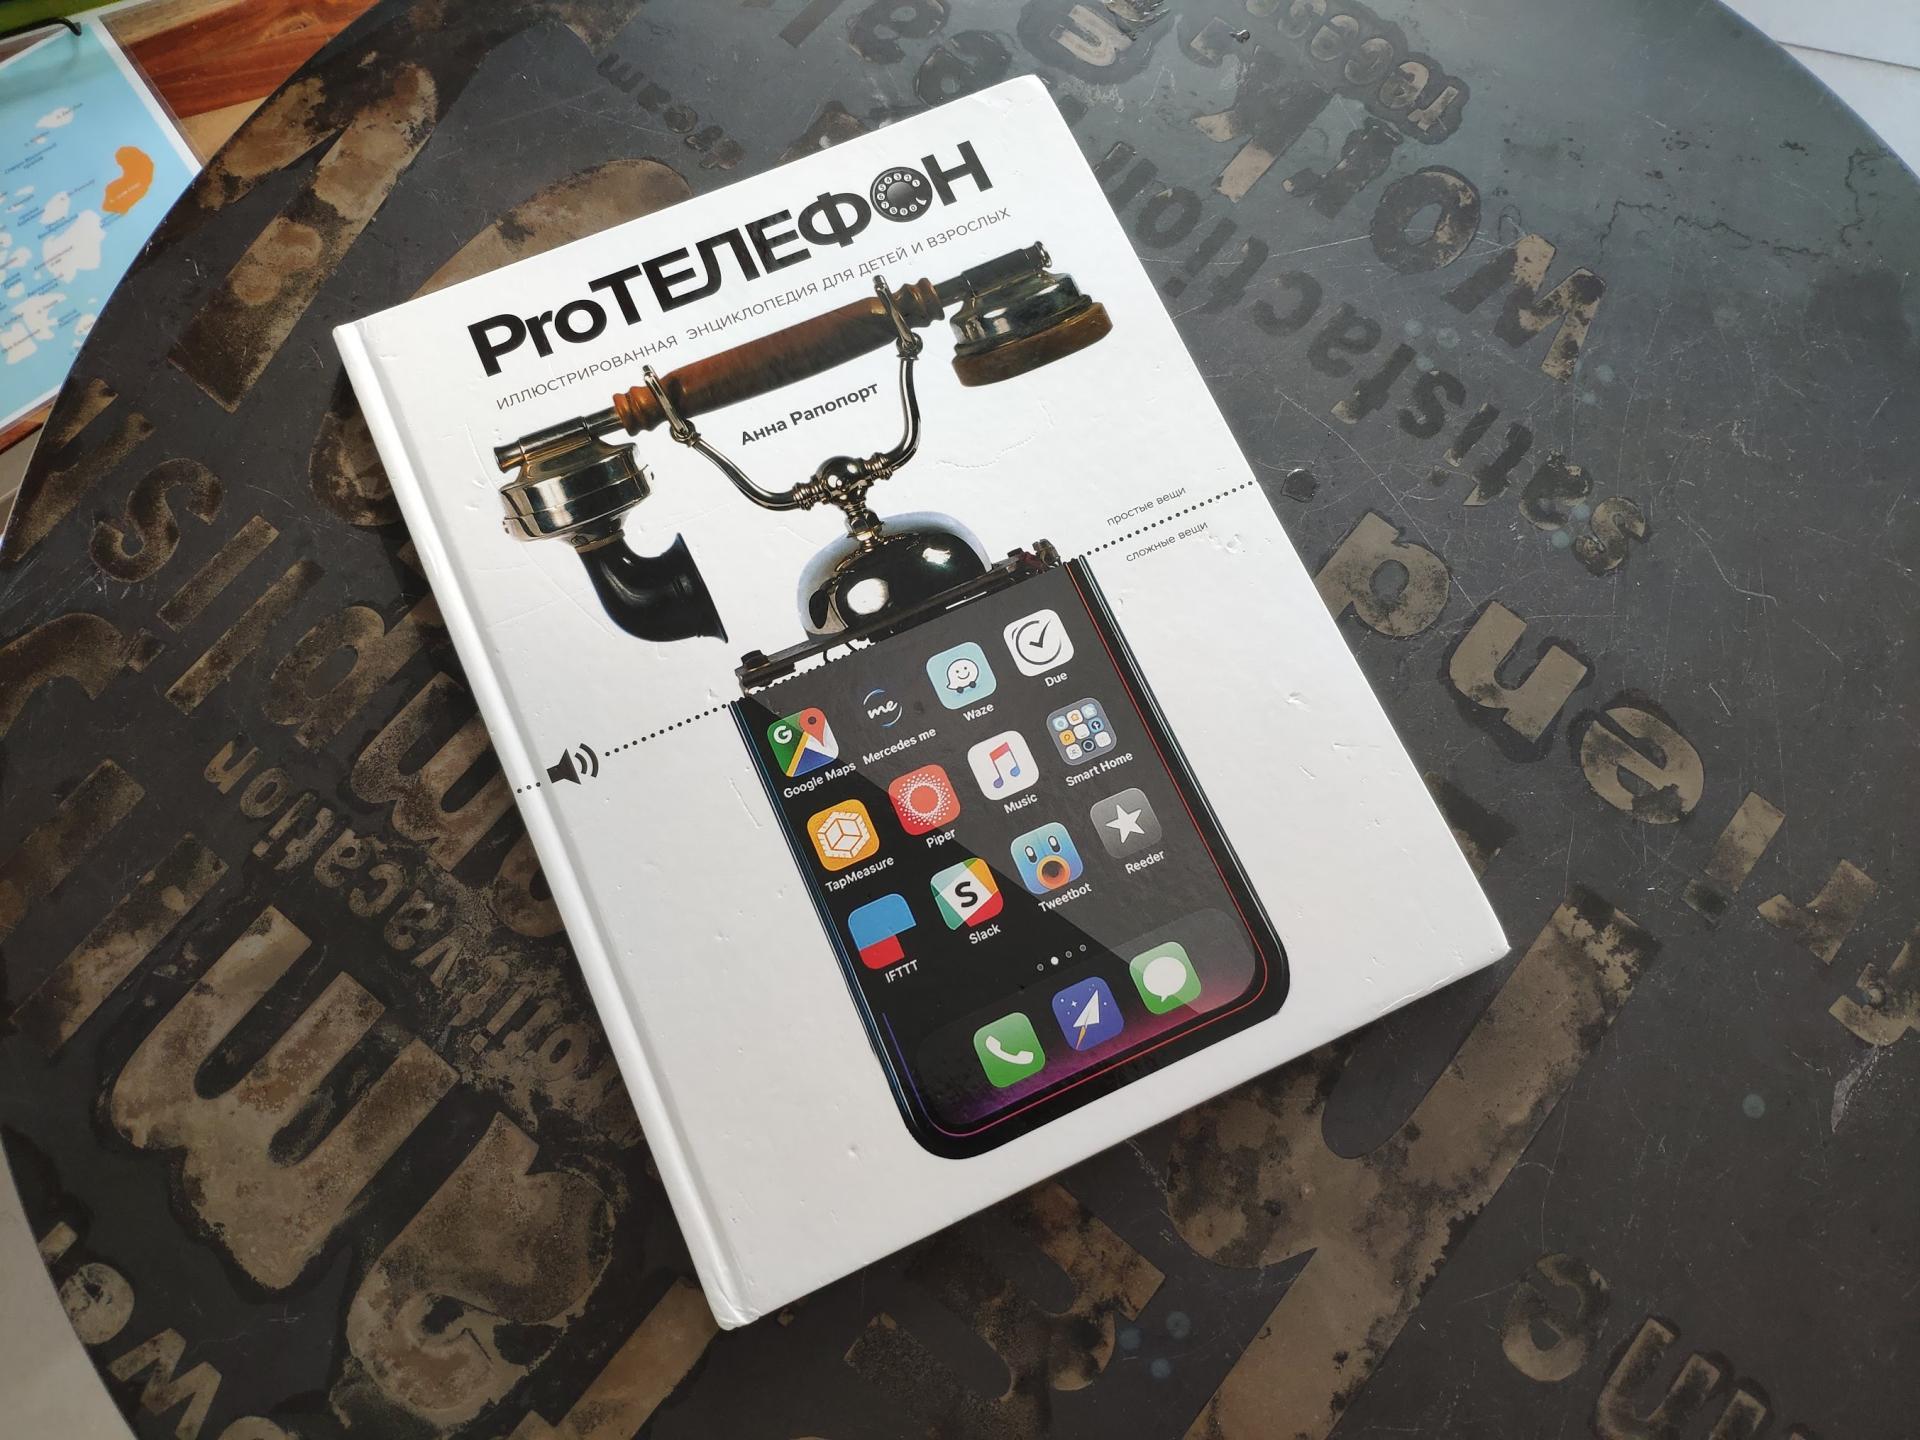 Книгу Pro Телефон представили вмузее истории телефона, отметив 1 год существования